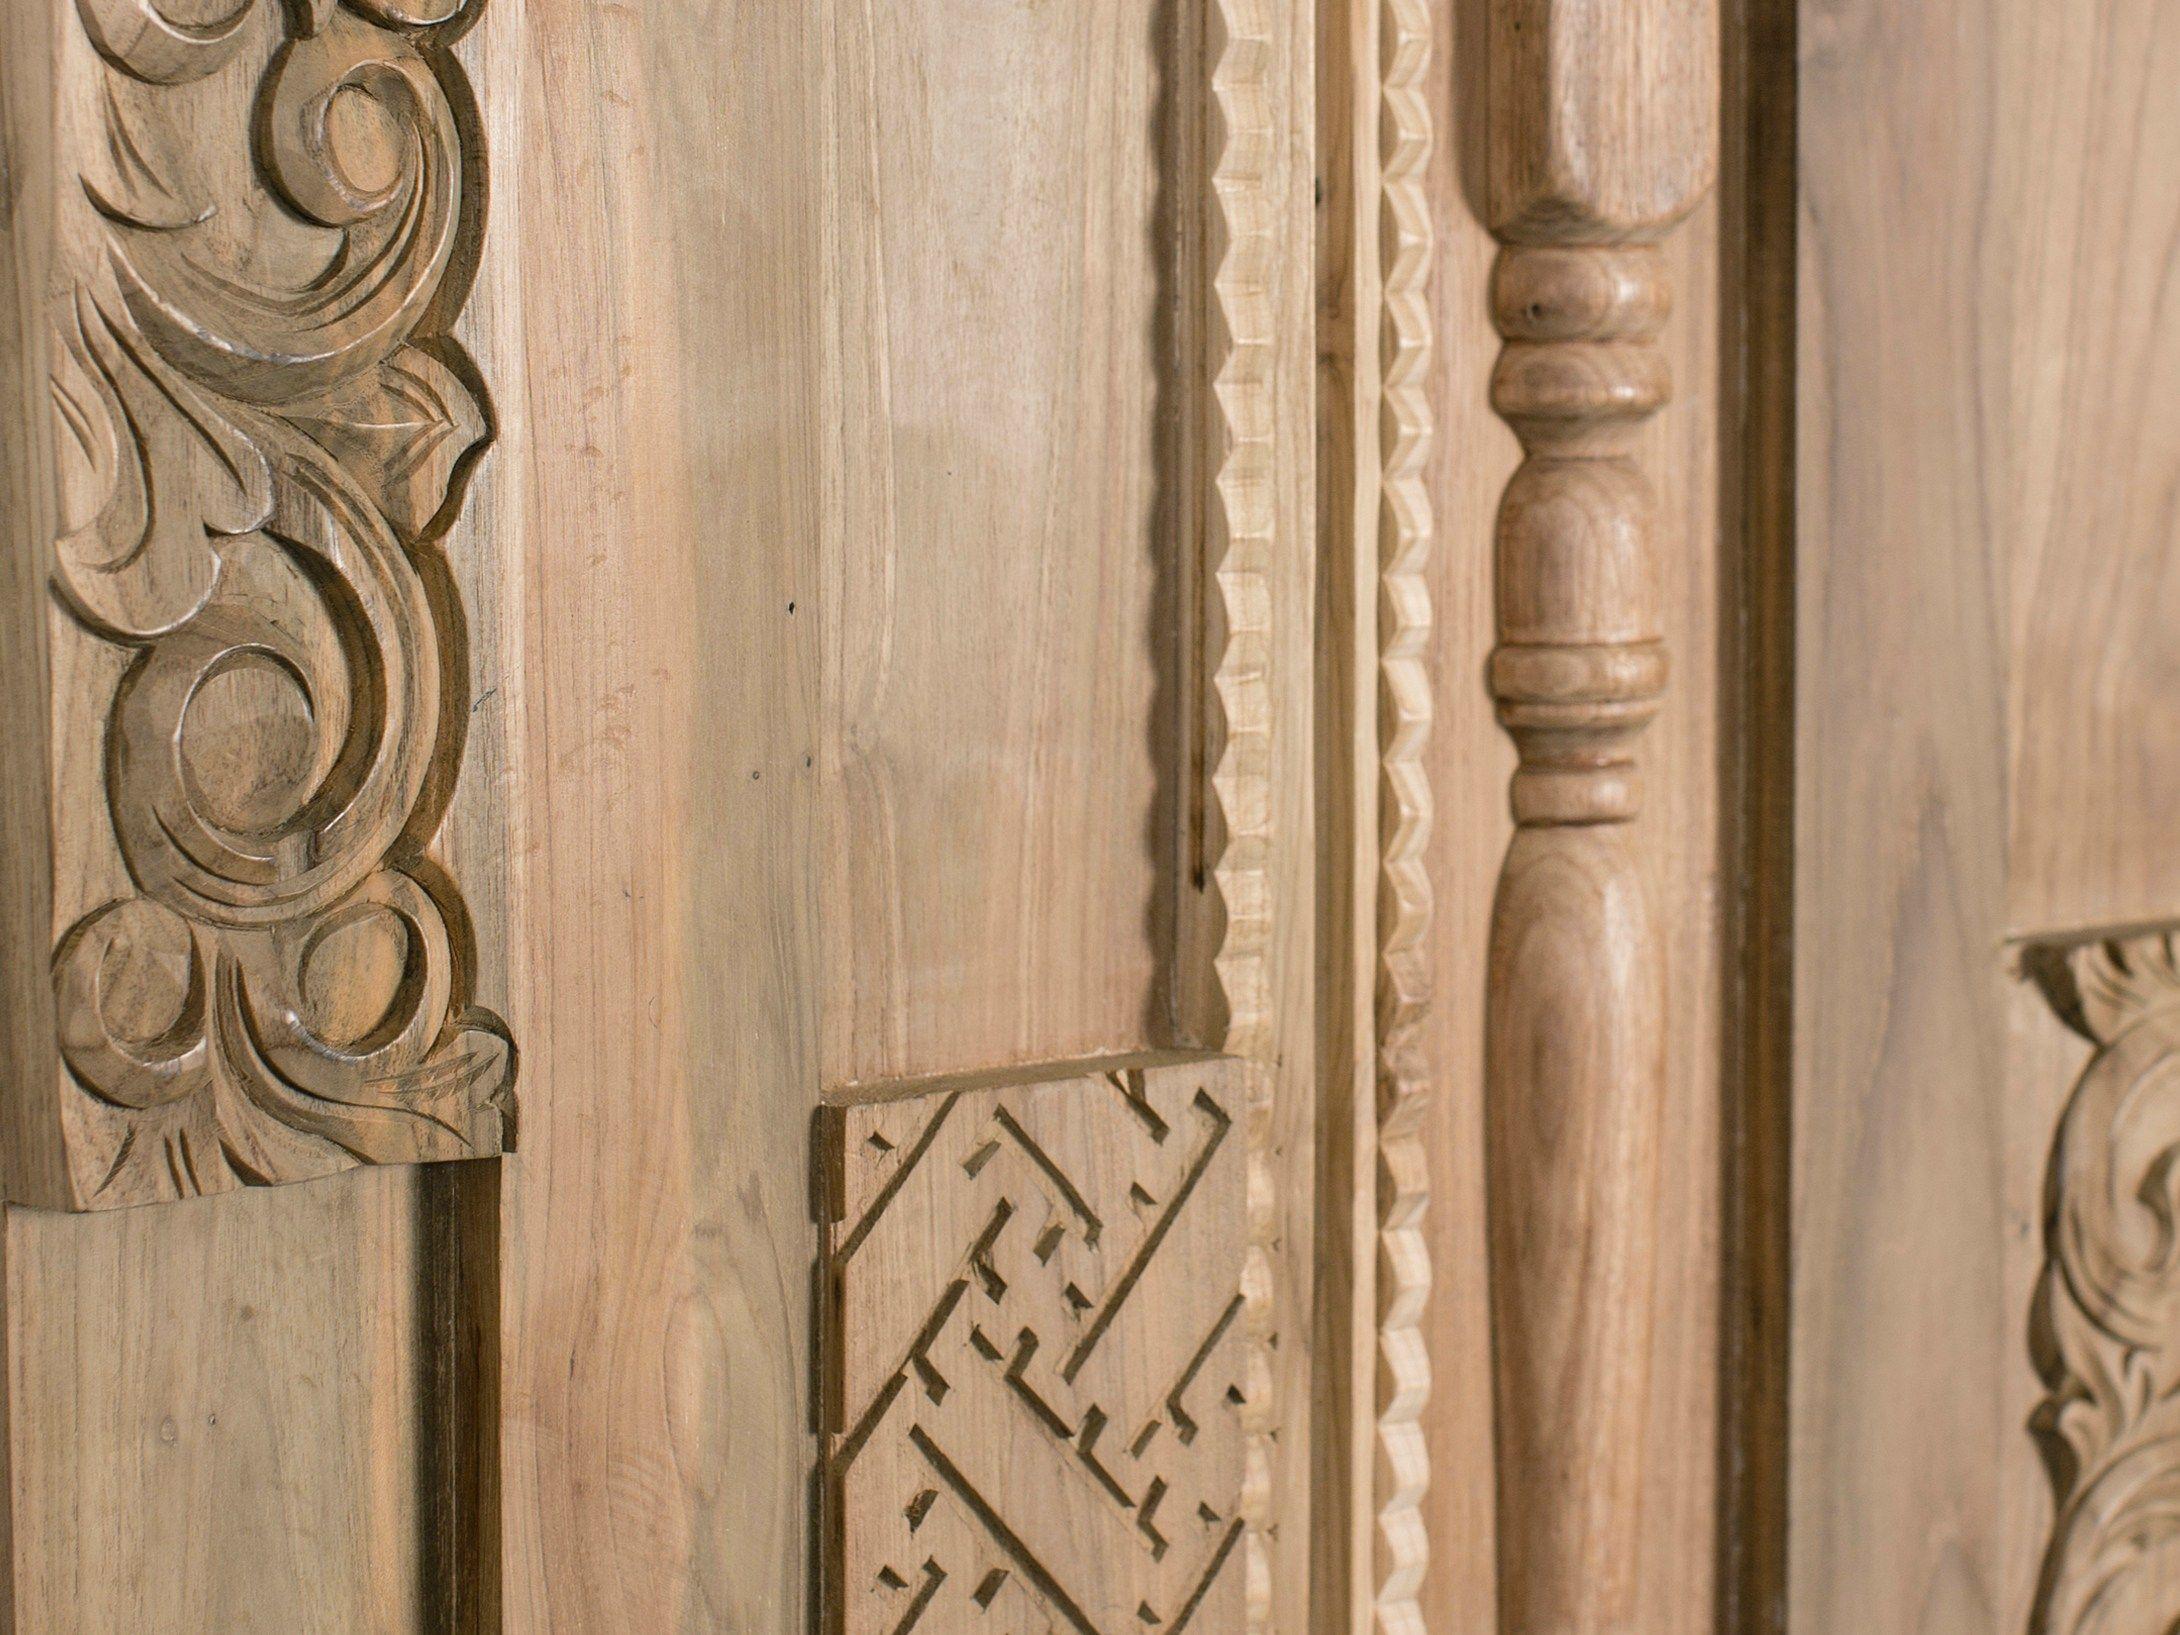 3D Wandverkleidung aus Holz für Innen PHOENIX by Wonderwall Studios